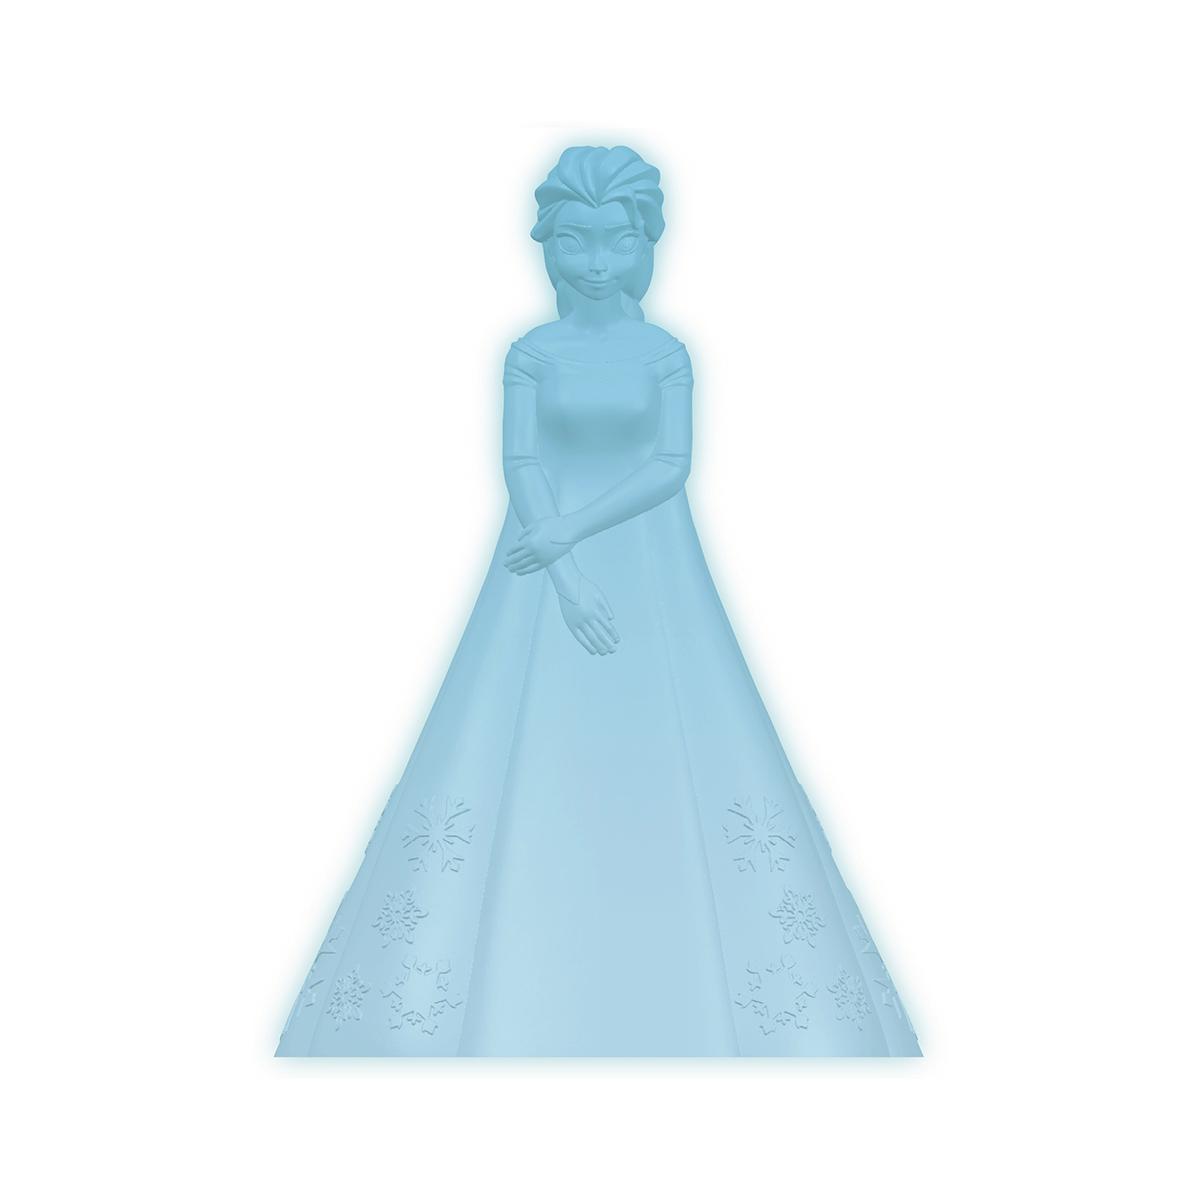 Lampa de veghe Disney Frozen, Elsa imagine